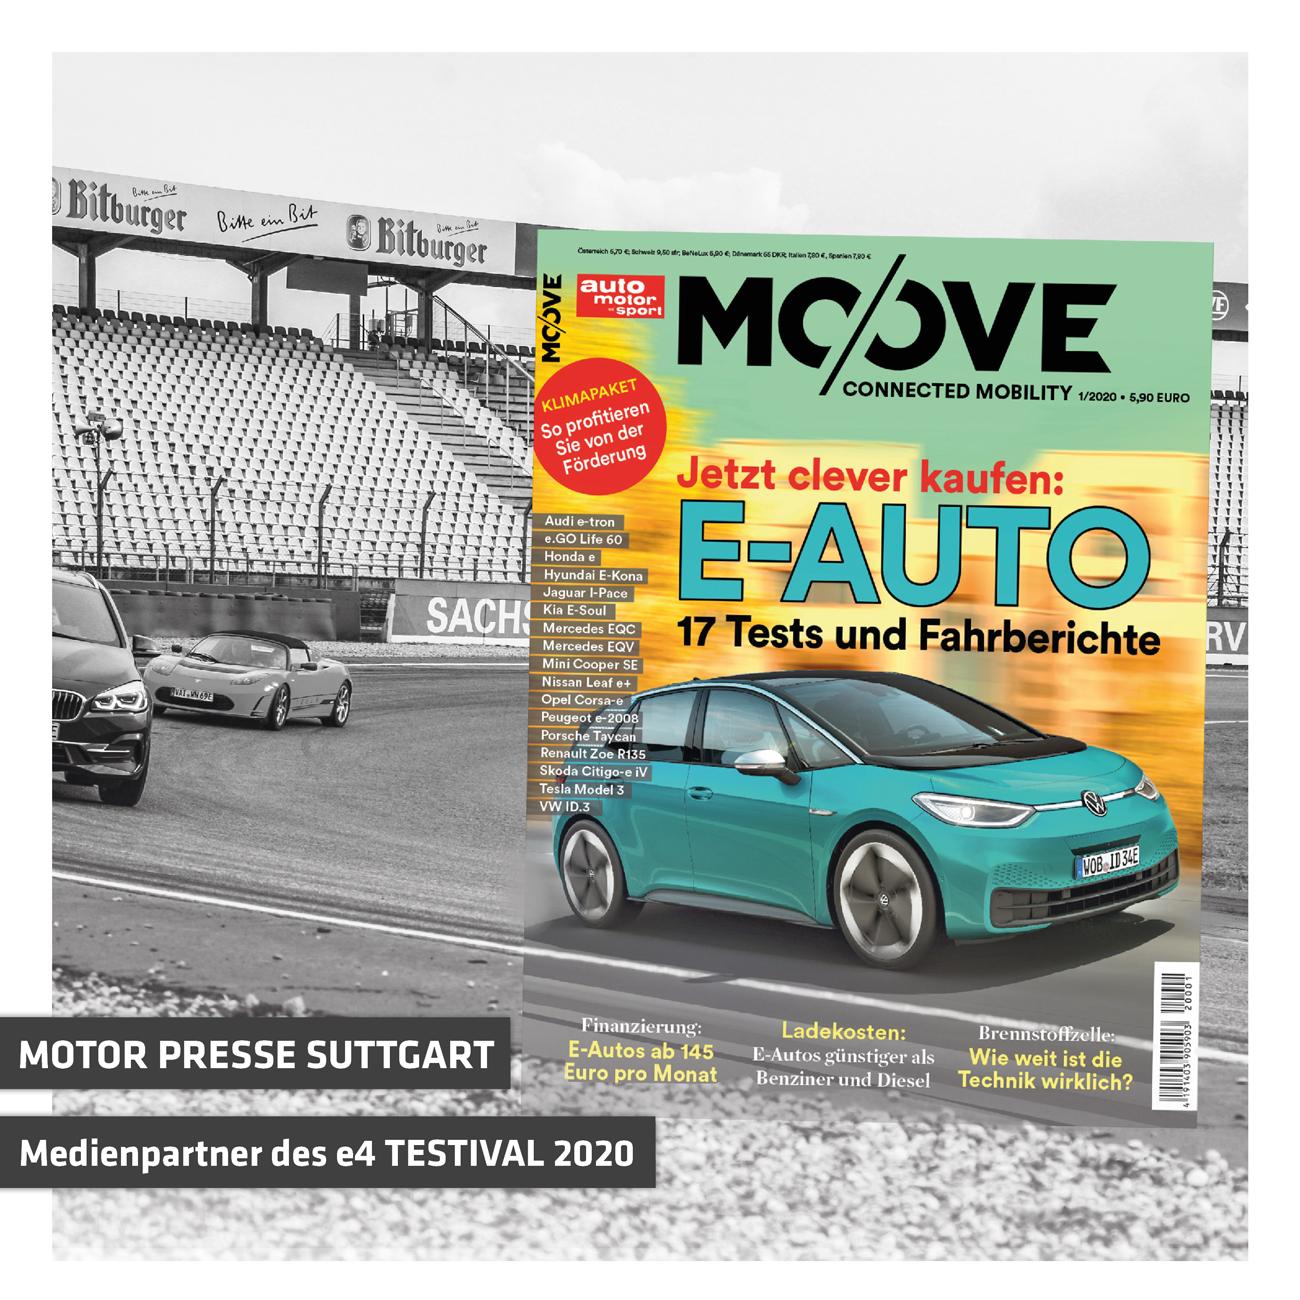 Motor Presse Stuttgart Wird Medienpartner Des E4 TESTIVAL Auf Dem Hockenheimring